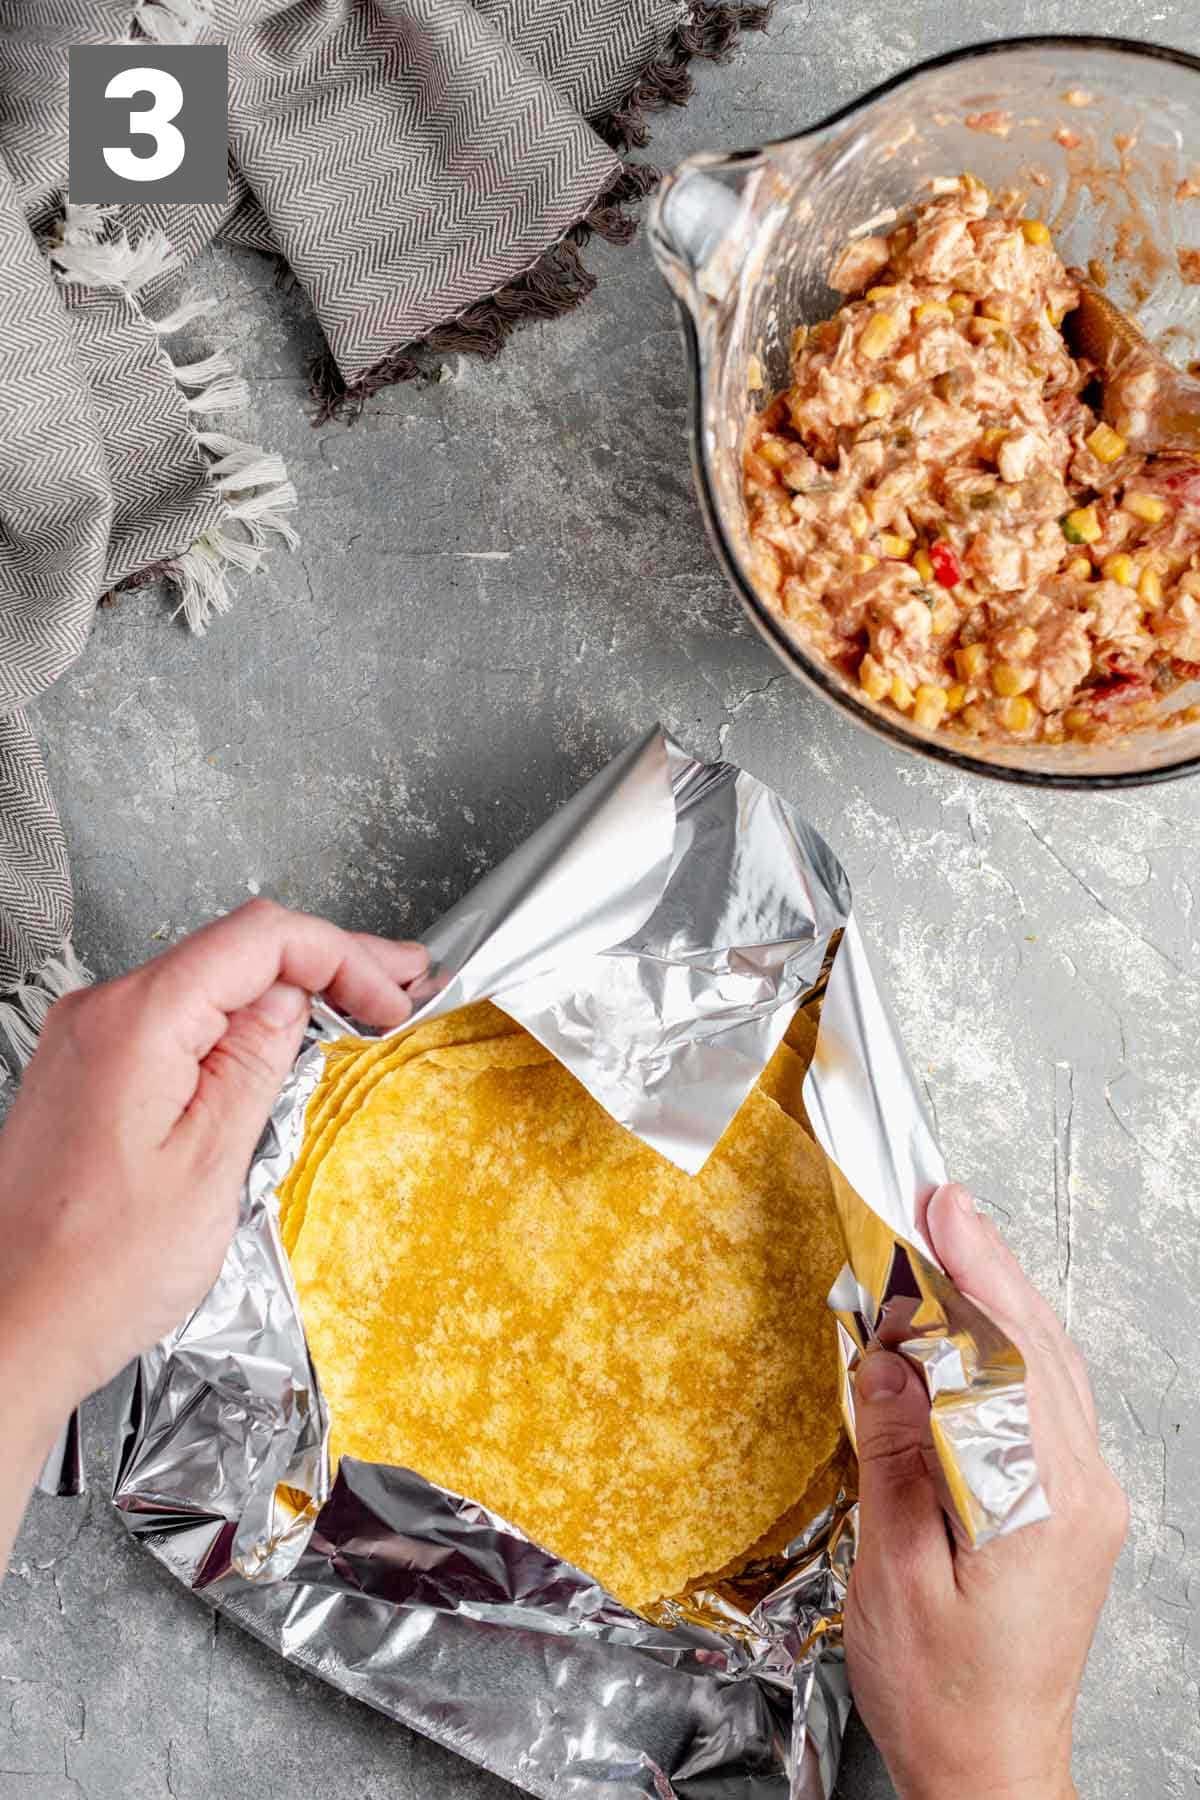 wrap the tortillas in foil